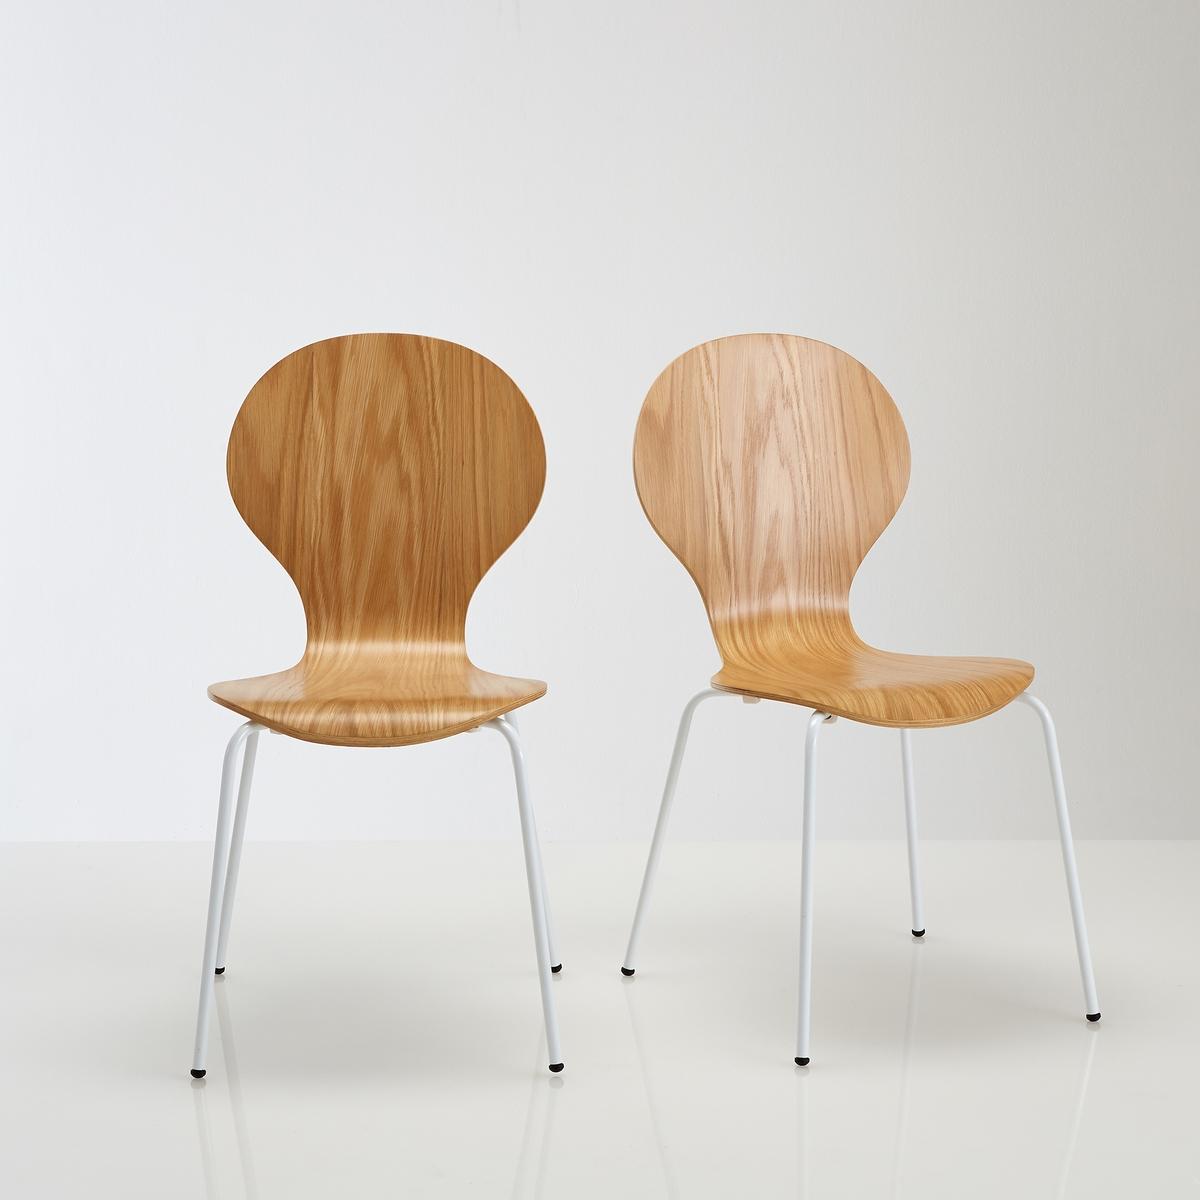 2 стула с дубовым шпоном, JIMIРазмеры стульев :Общие :Длина : 55 см.- Высота : 86 см.Ширина : 46,5 см Высота сиденья : 45 см.Размеры и вес упаковки :1 упаковка71,5 x 29,5 x46,5 см - 11 кг Доставка :Стулья Jimi продаются в собранном виде . Возможна доставка до квартиры !Внимание ! Убедитесь, что товар возможно доставить на дом, учитывая его габариты (проходит в двери, по лестницам, в лифты)<br><br>Цвет: белый<br>Размер: единый размер